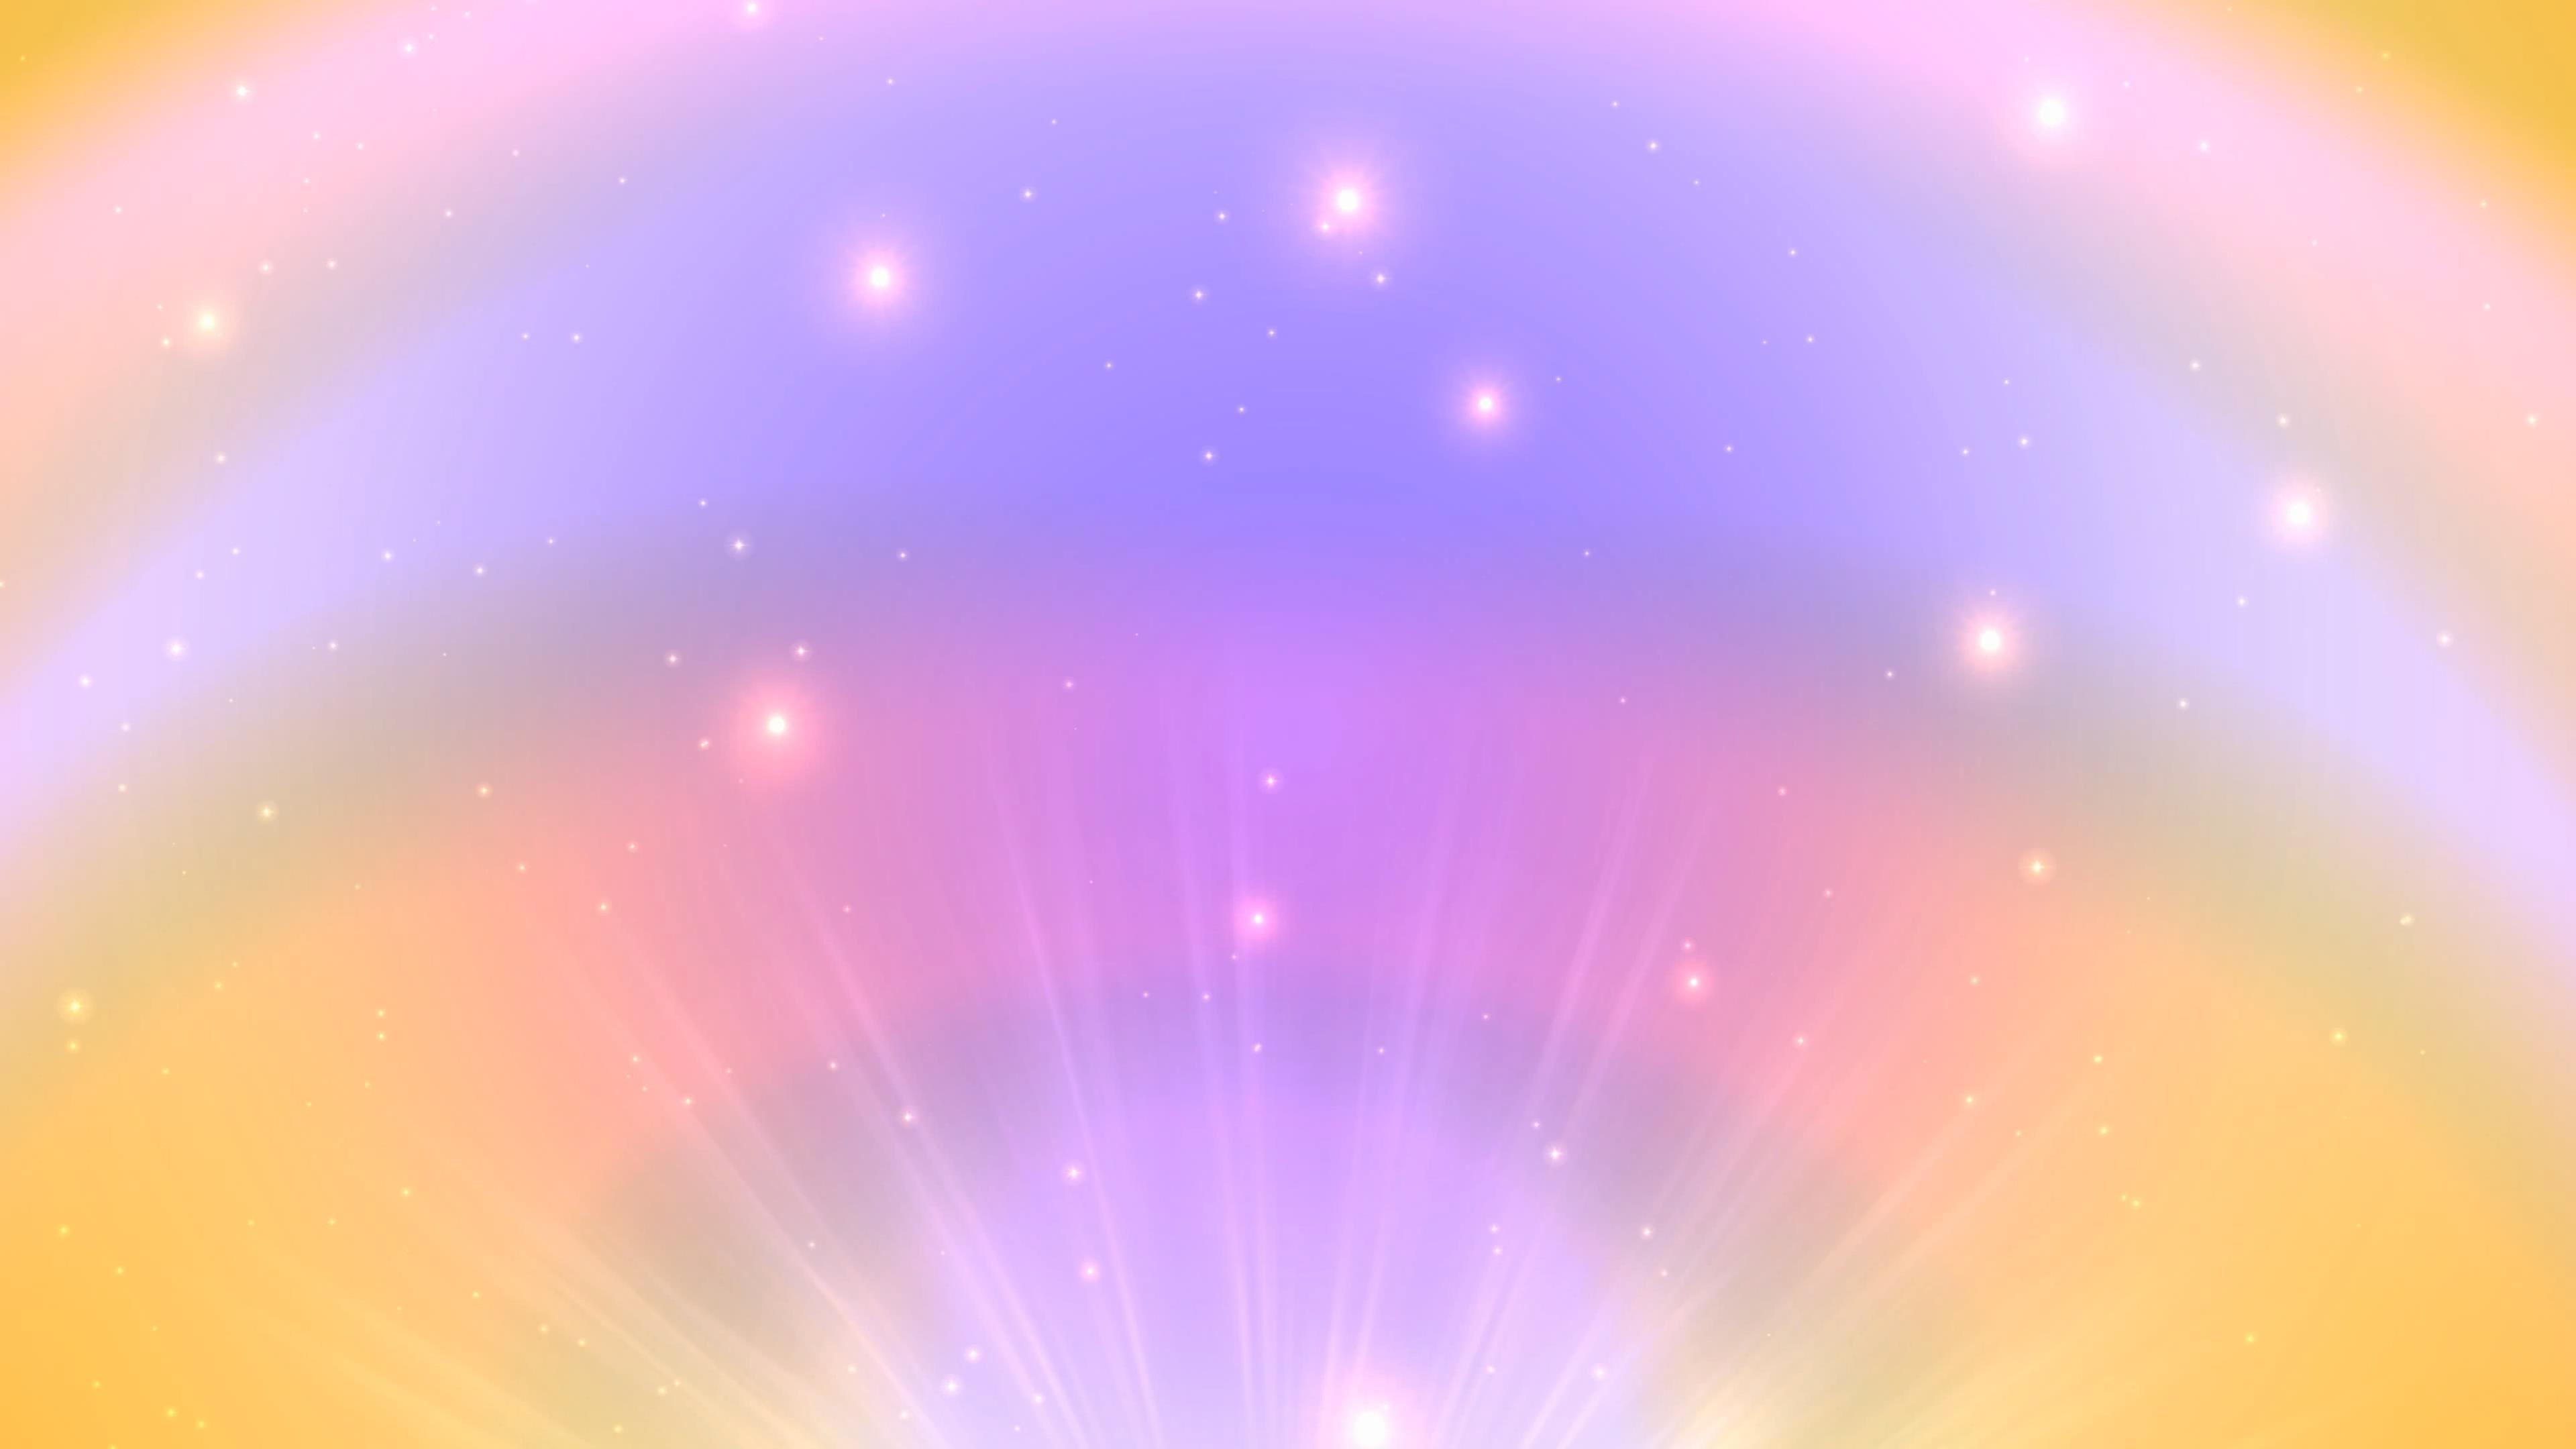 4K Bright Rainbow Illumination Ambient 2160p Animation Background – YouTube